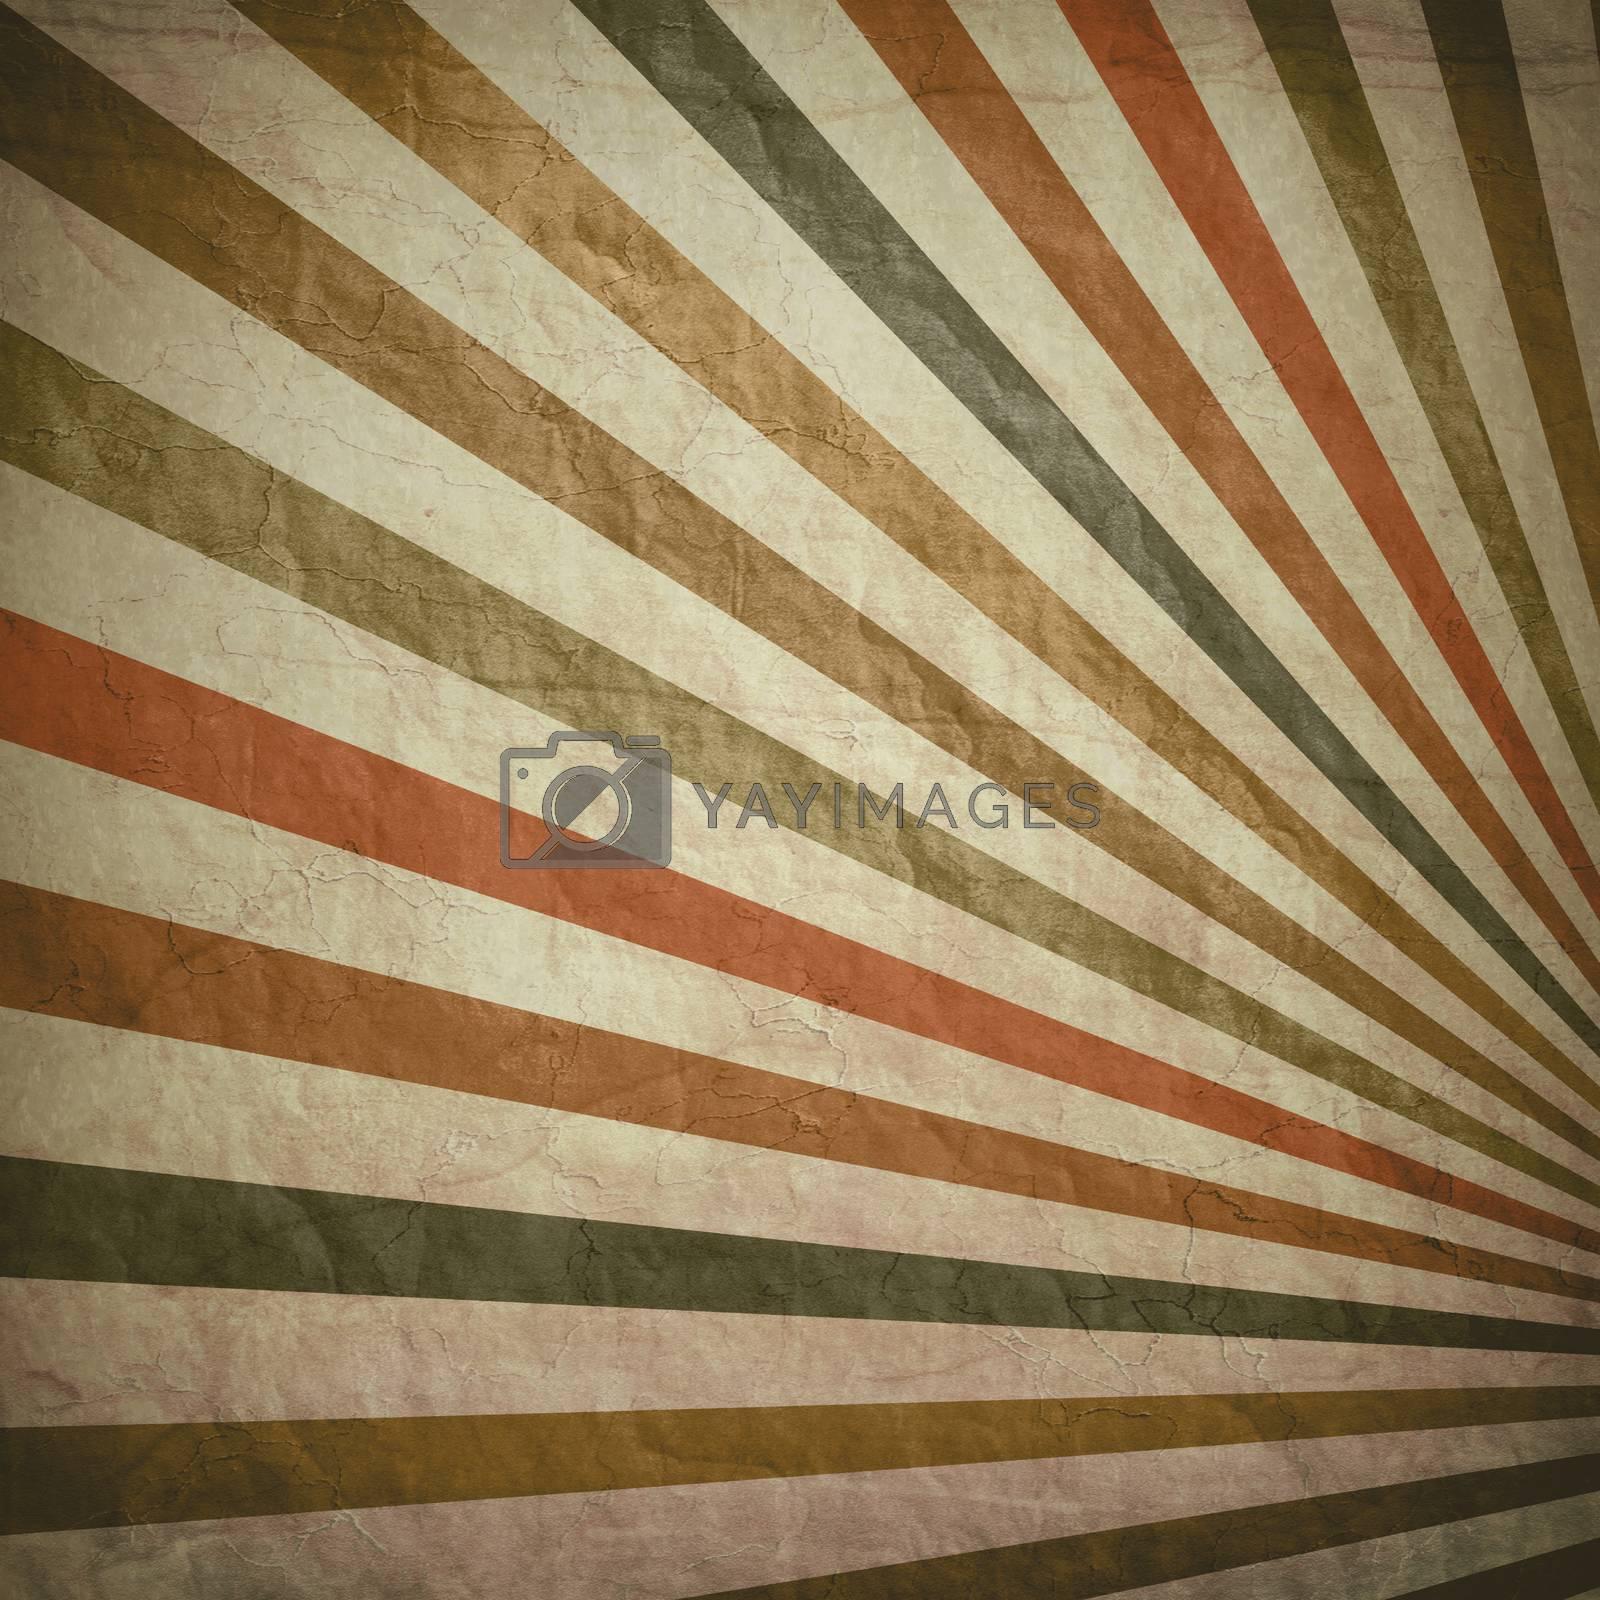 Multicolor Sunbeams grunge background. A vintage poster